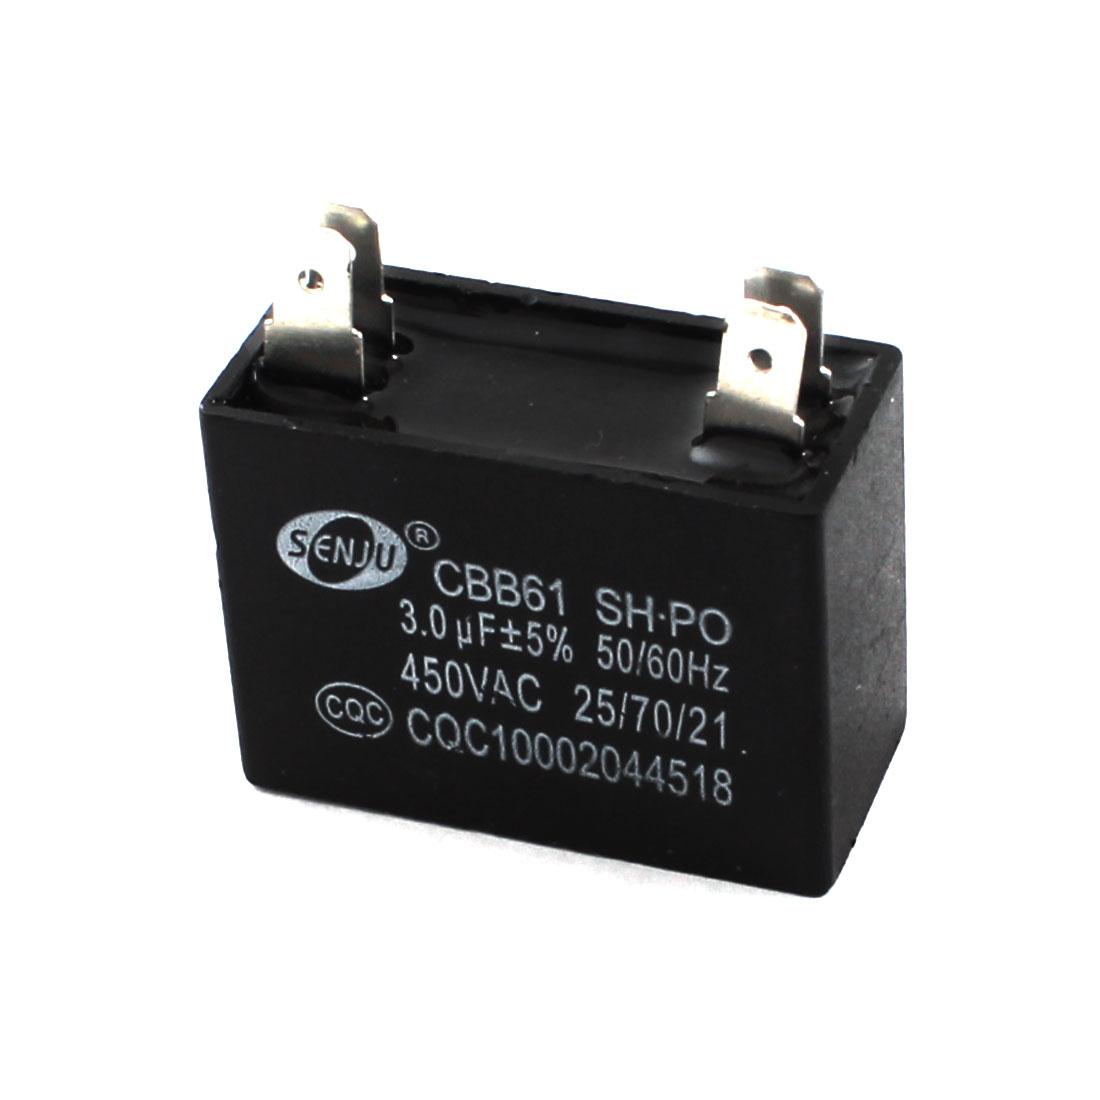 CBB61 AC 450V 3uF 5% Tolerance Square Polypropylene Film Capacitor